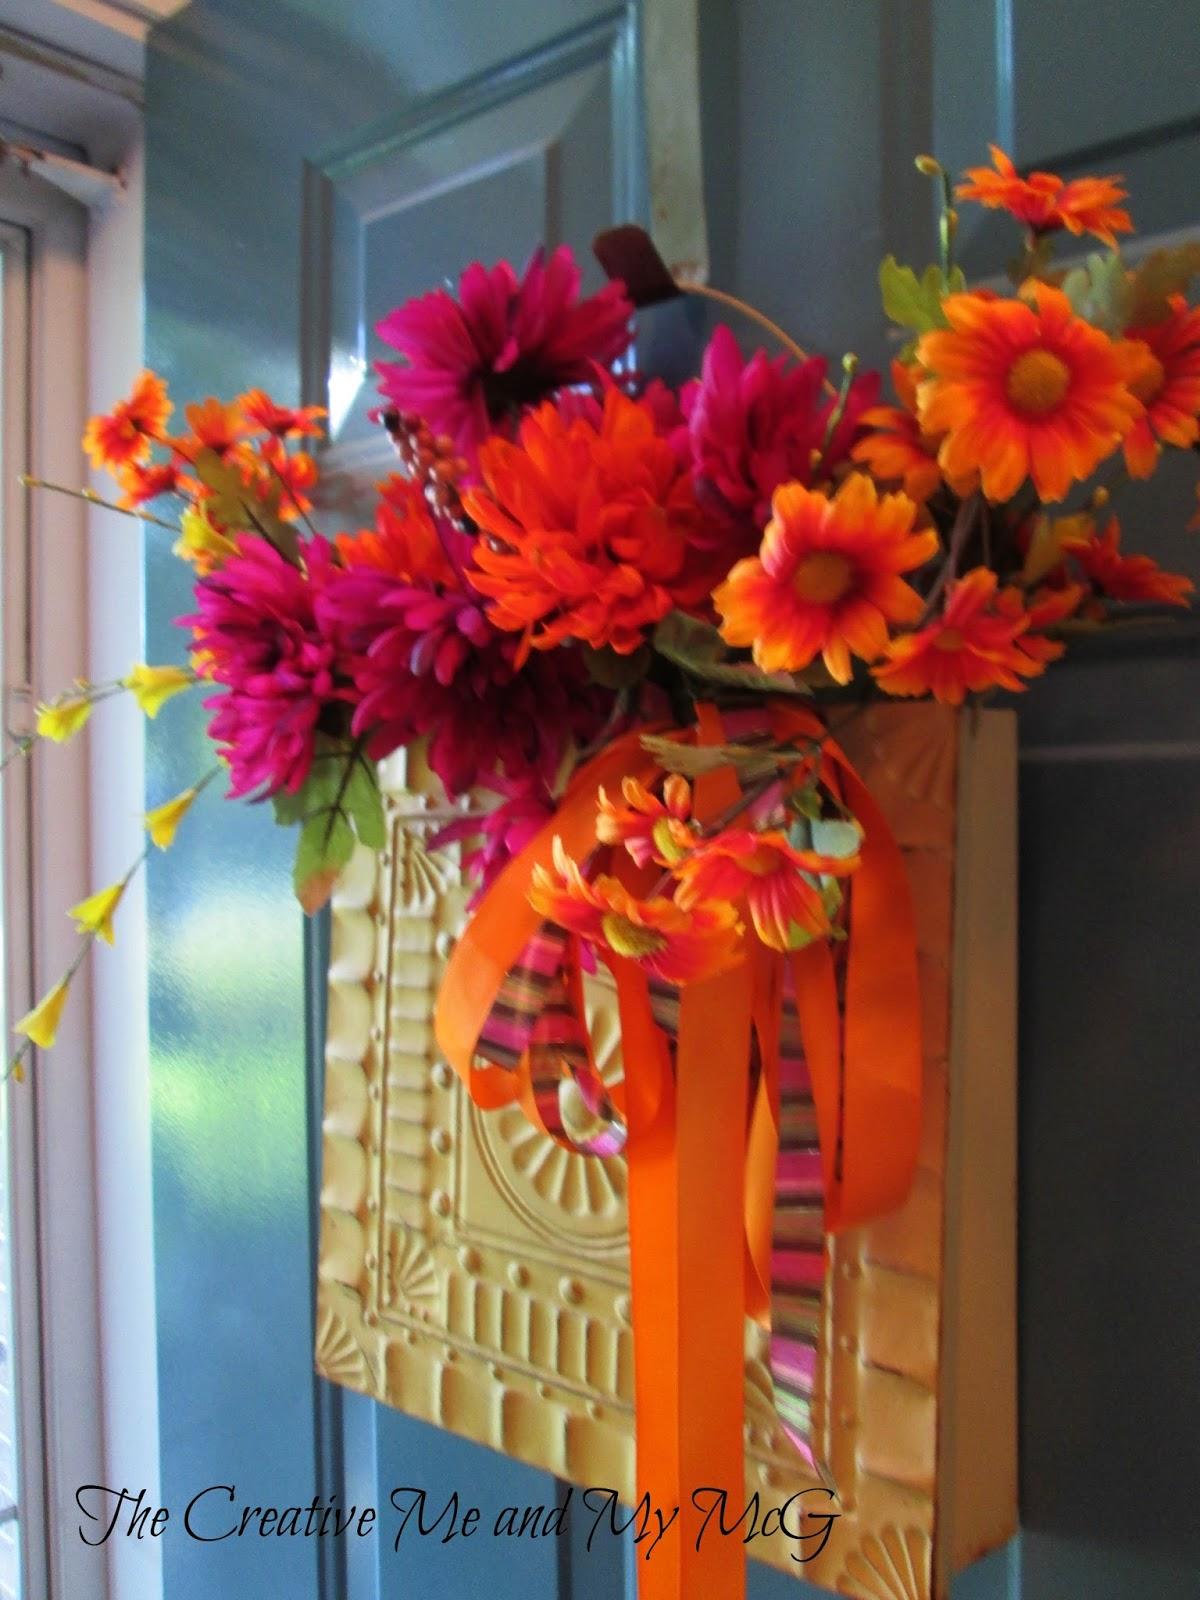 Autumn Door Decorations Orange Door : The creative me and my mcg fall door decor